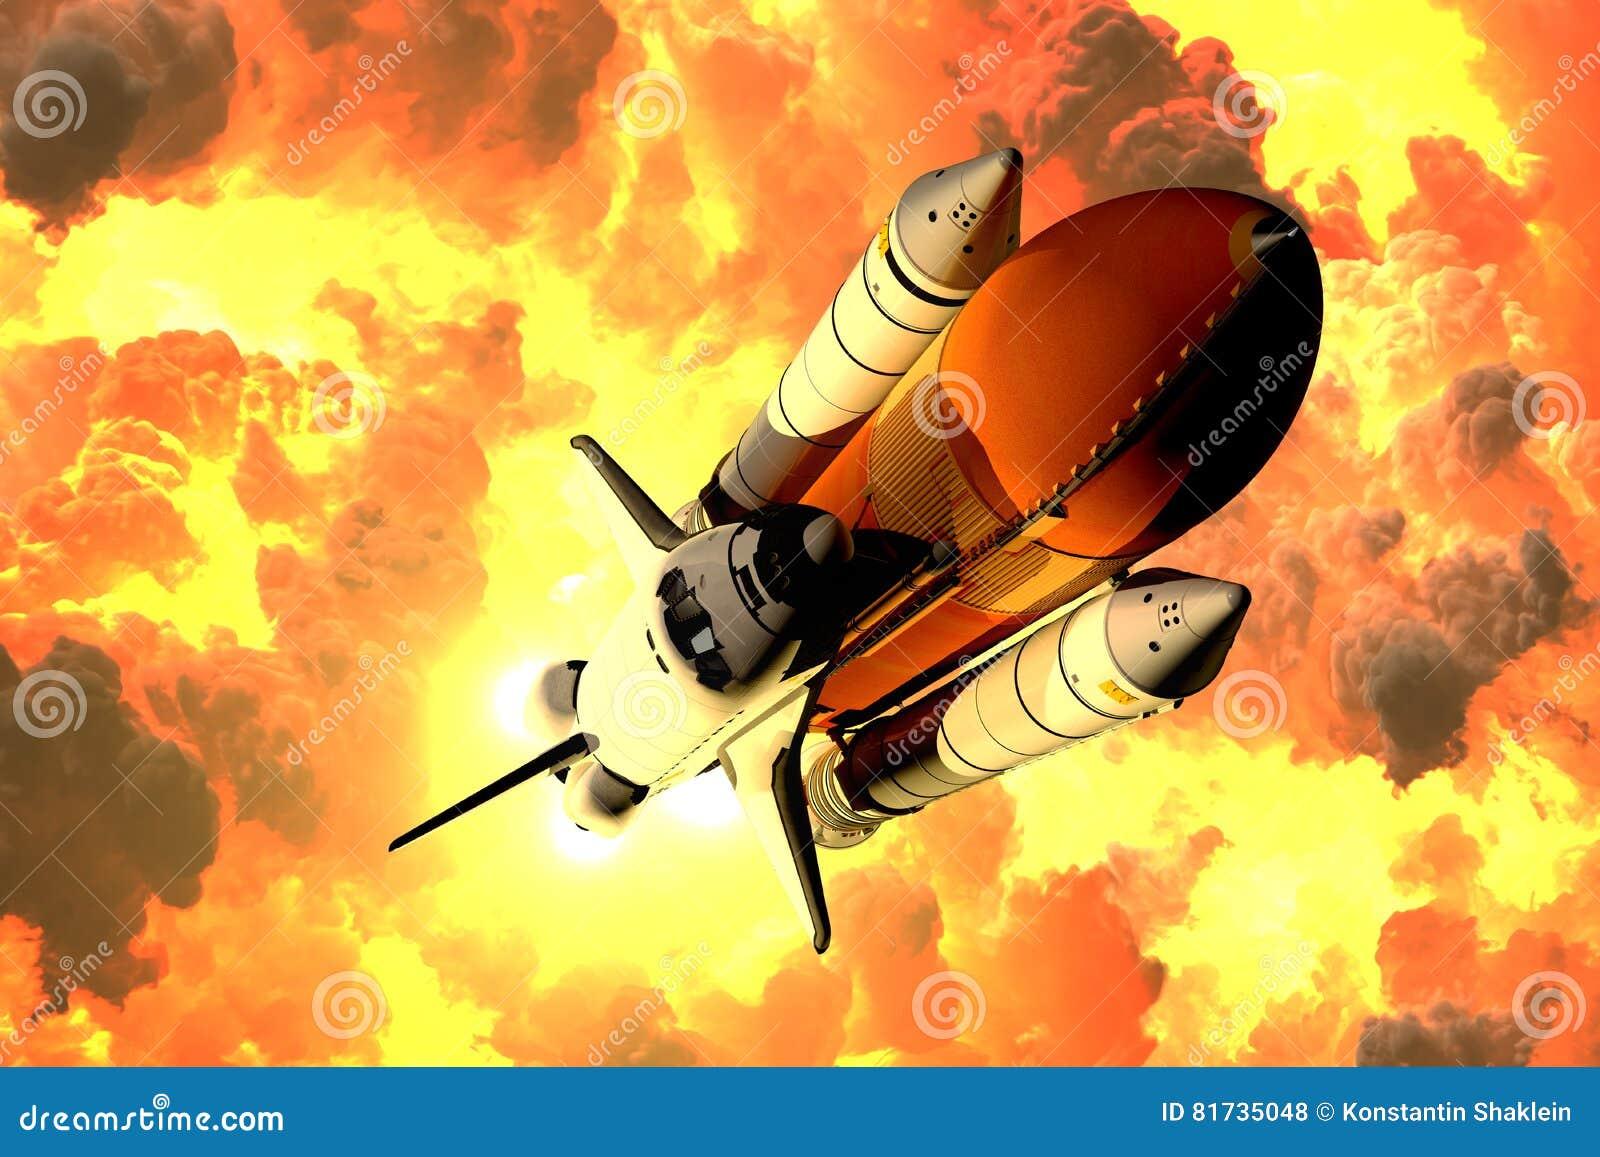 La navette spatiale décolle dans les nuages du feu